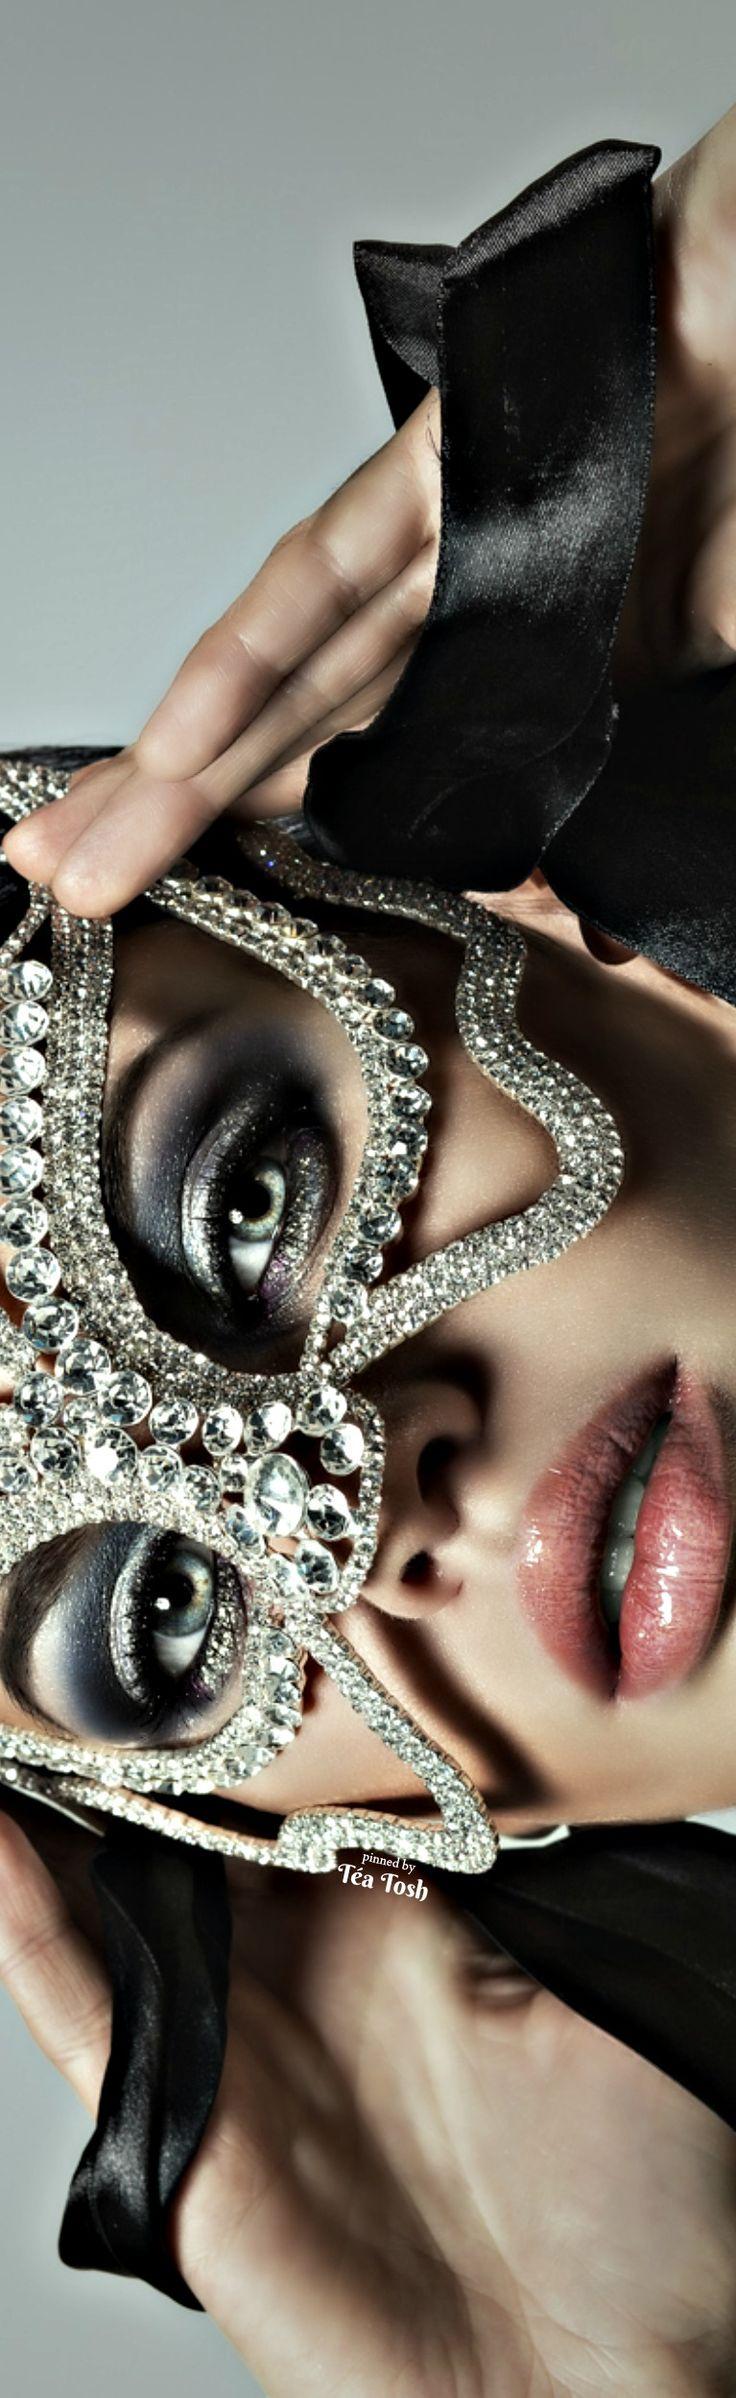 www.maschere.it